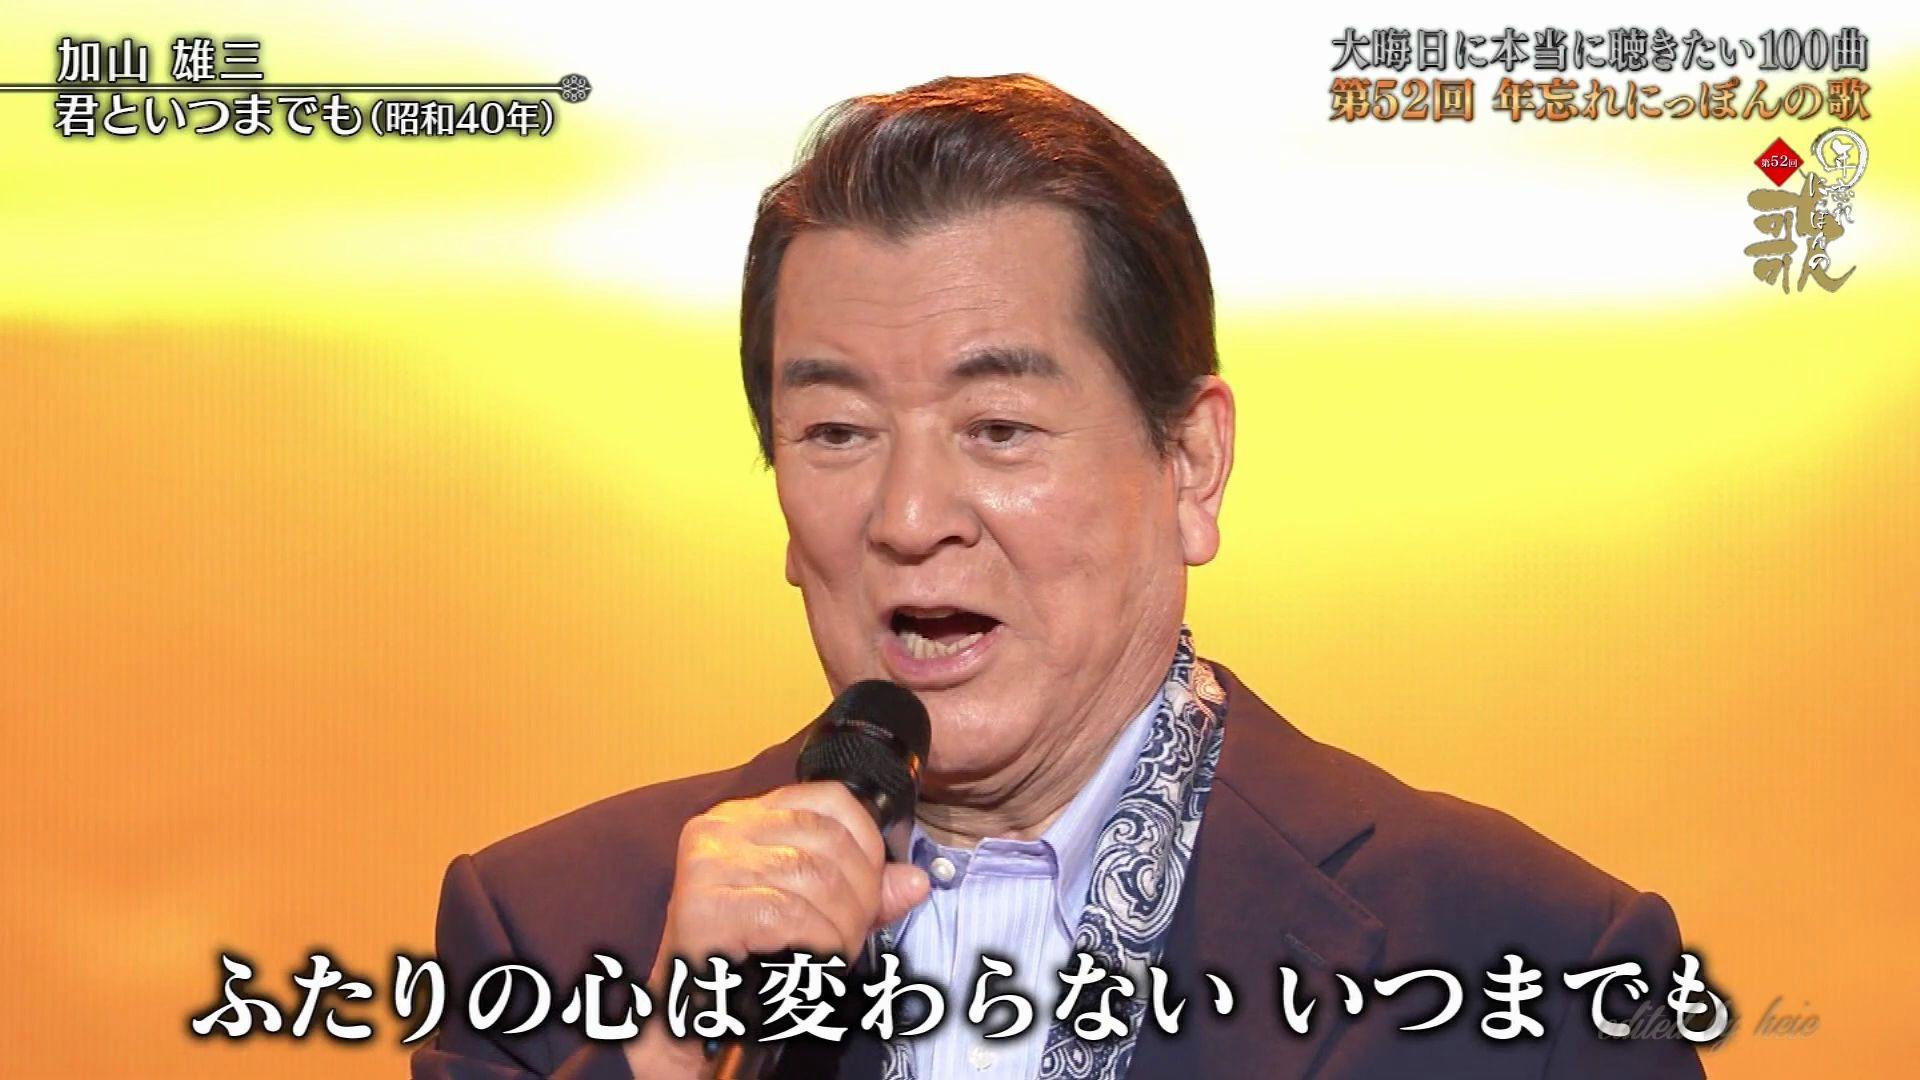 歌 加山 雄三